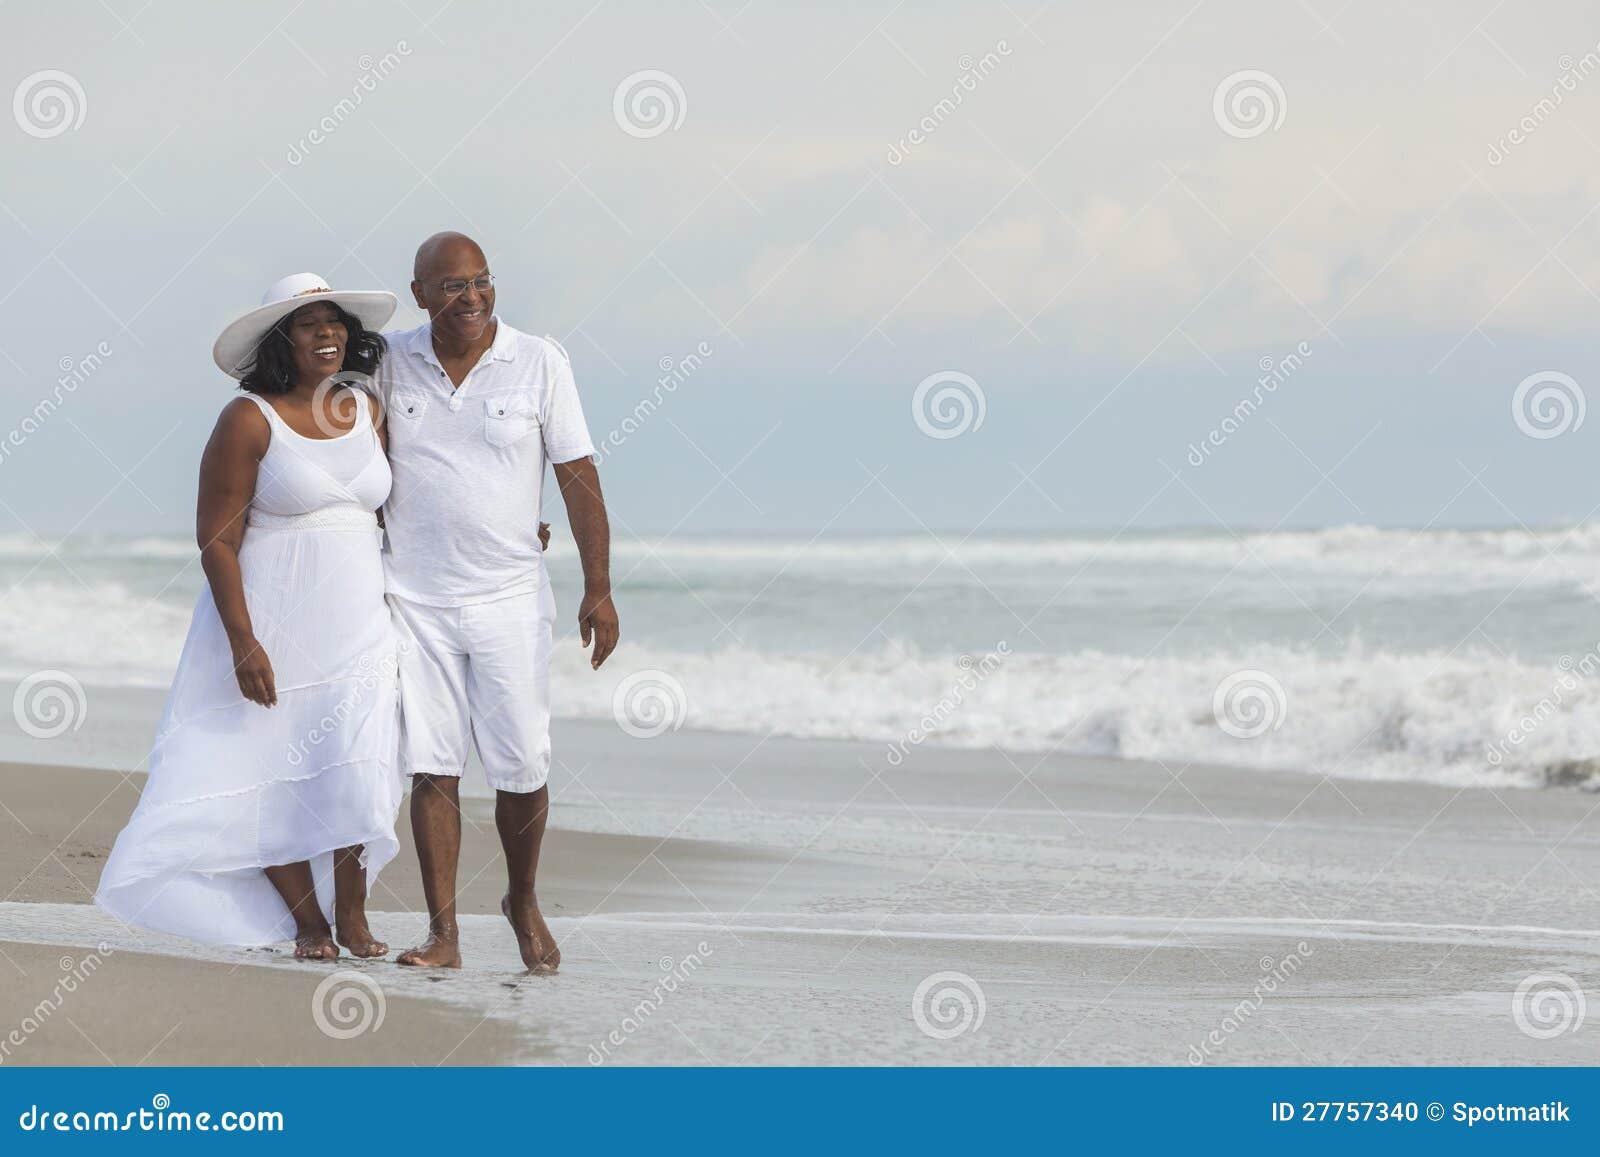 Glückliche ältere Afroamerikaner-Paare auf Strand